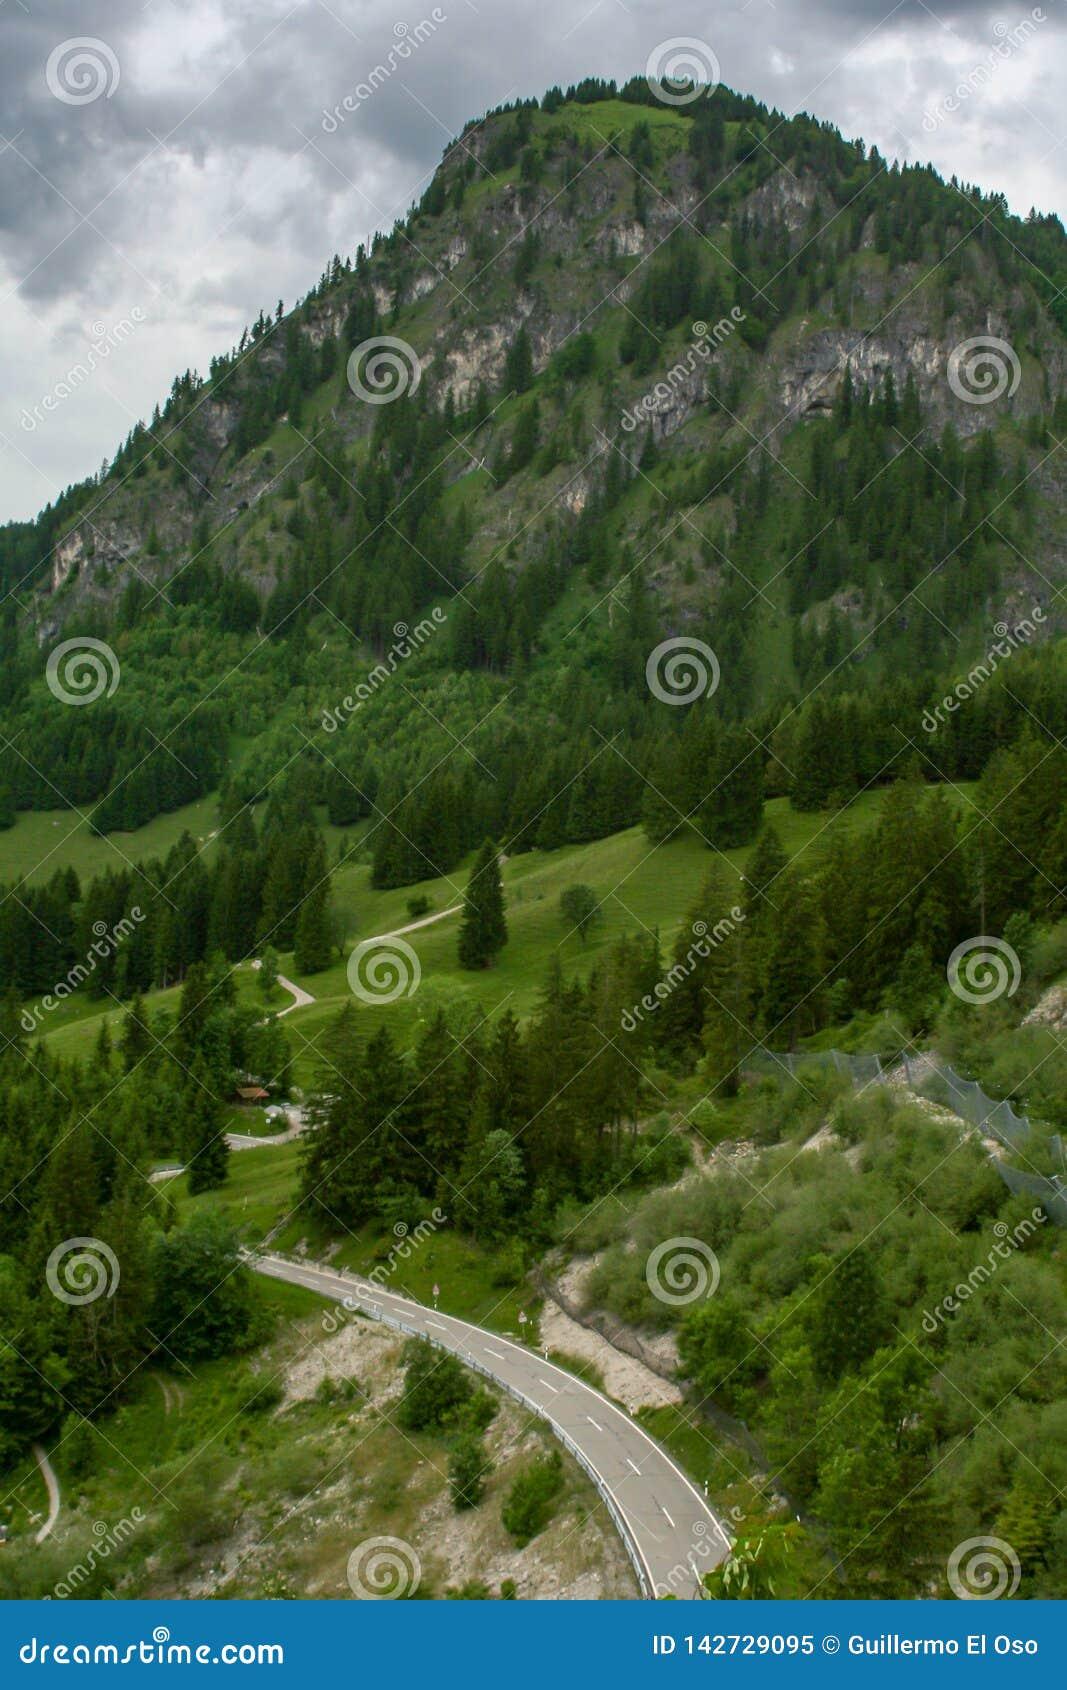 Fantastic view over a alp road